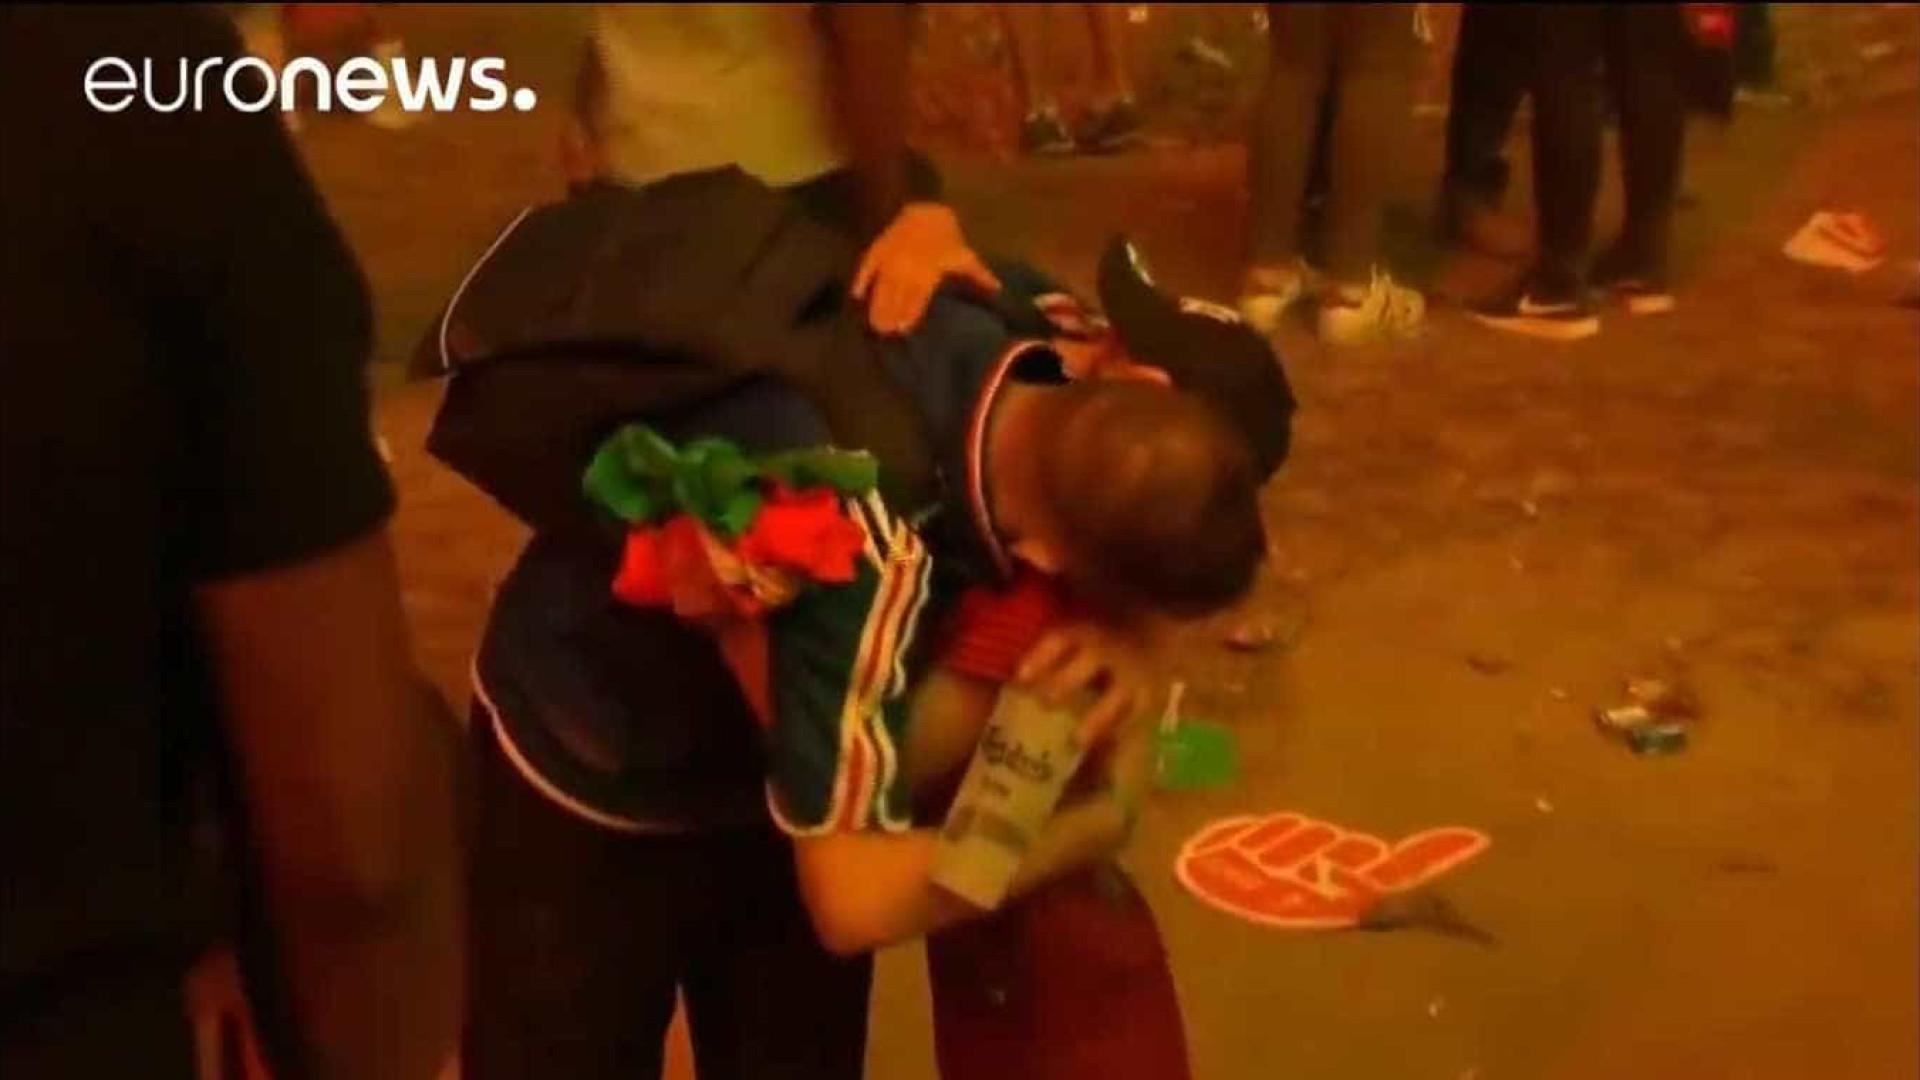 Imagens de criança lusa a consolar um adepto francês correm o mundo